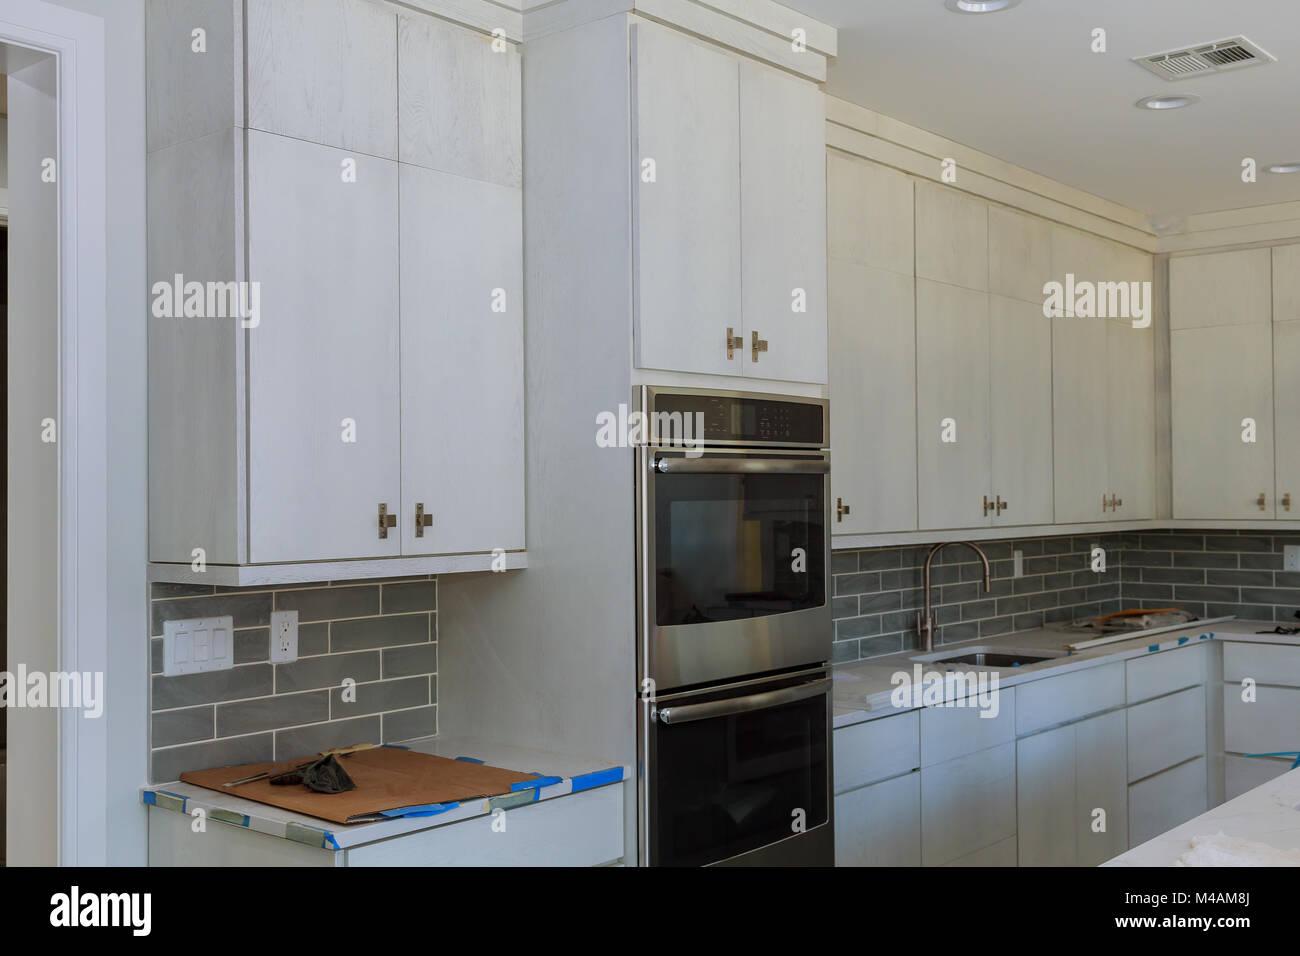 Kitchen cabinets installation Blind corner cabinet, island drawers ...